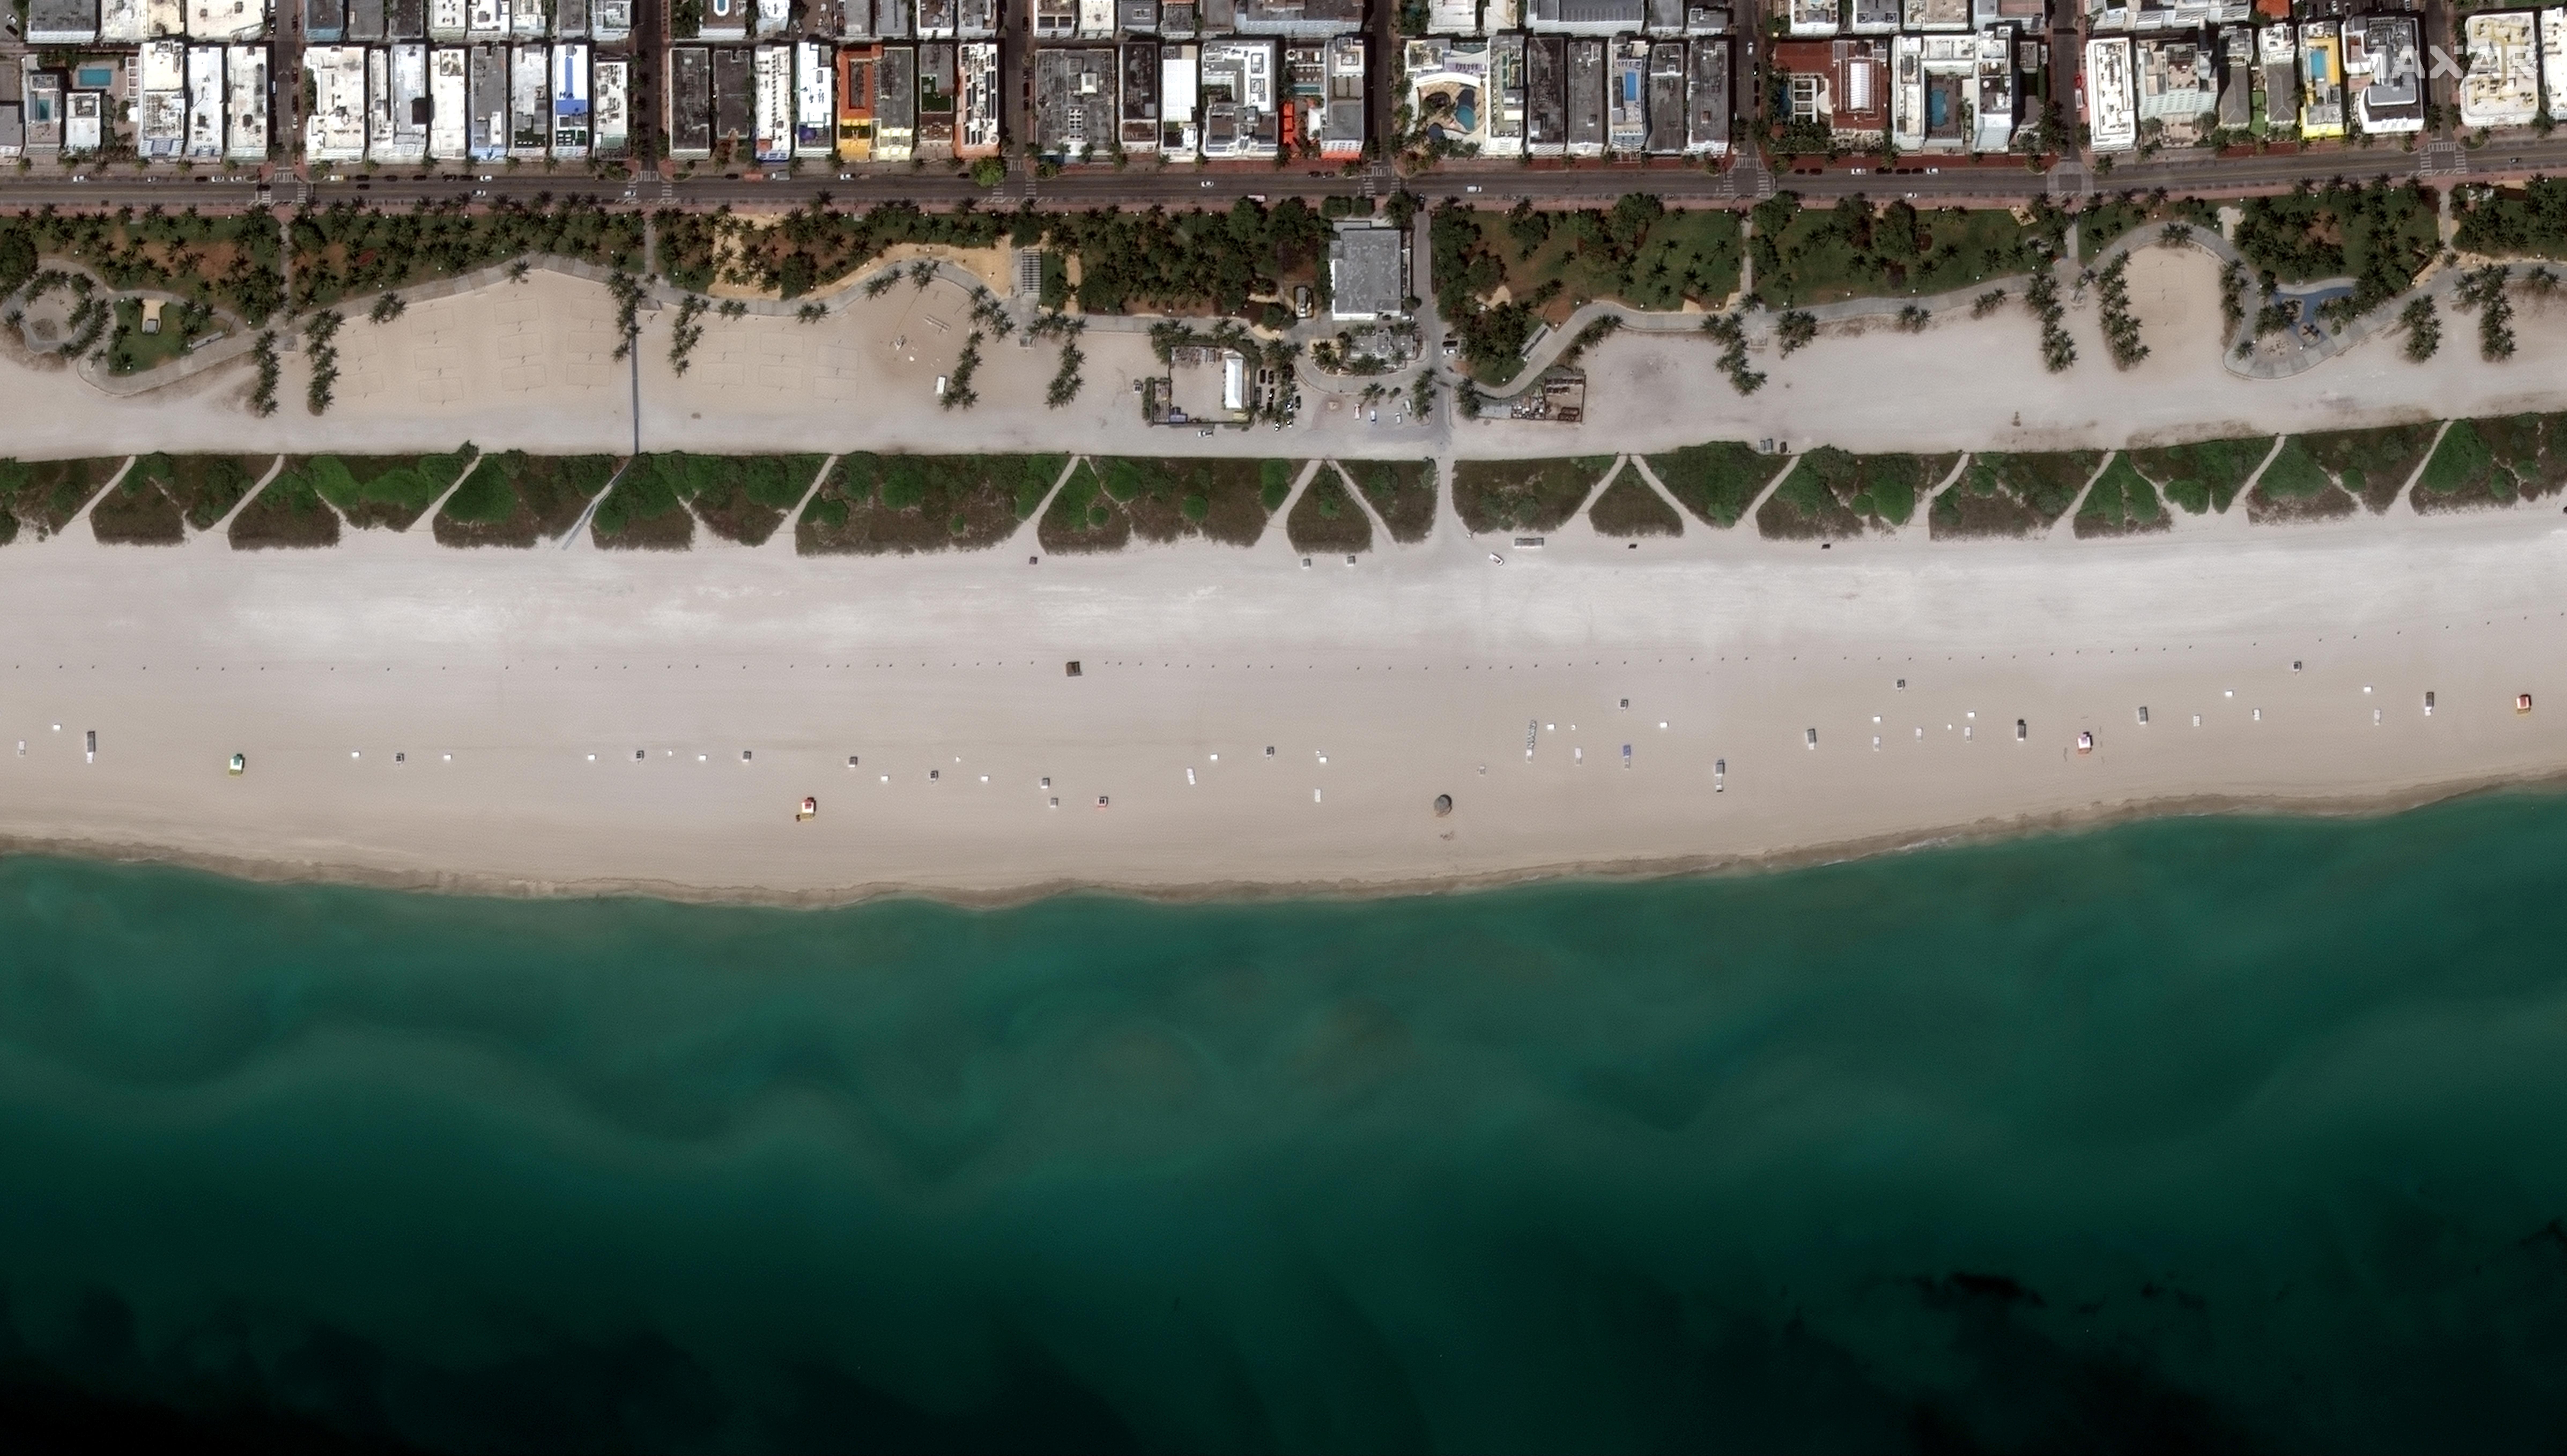 Una imagen satelital de las playas de Miami, Florida, desiertas (Maxar Technologies/Handout via REUTERS)